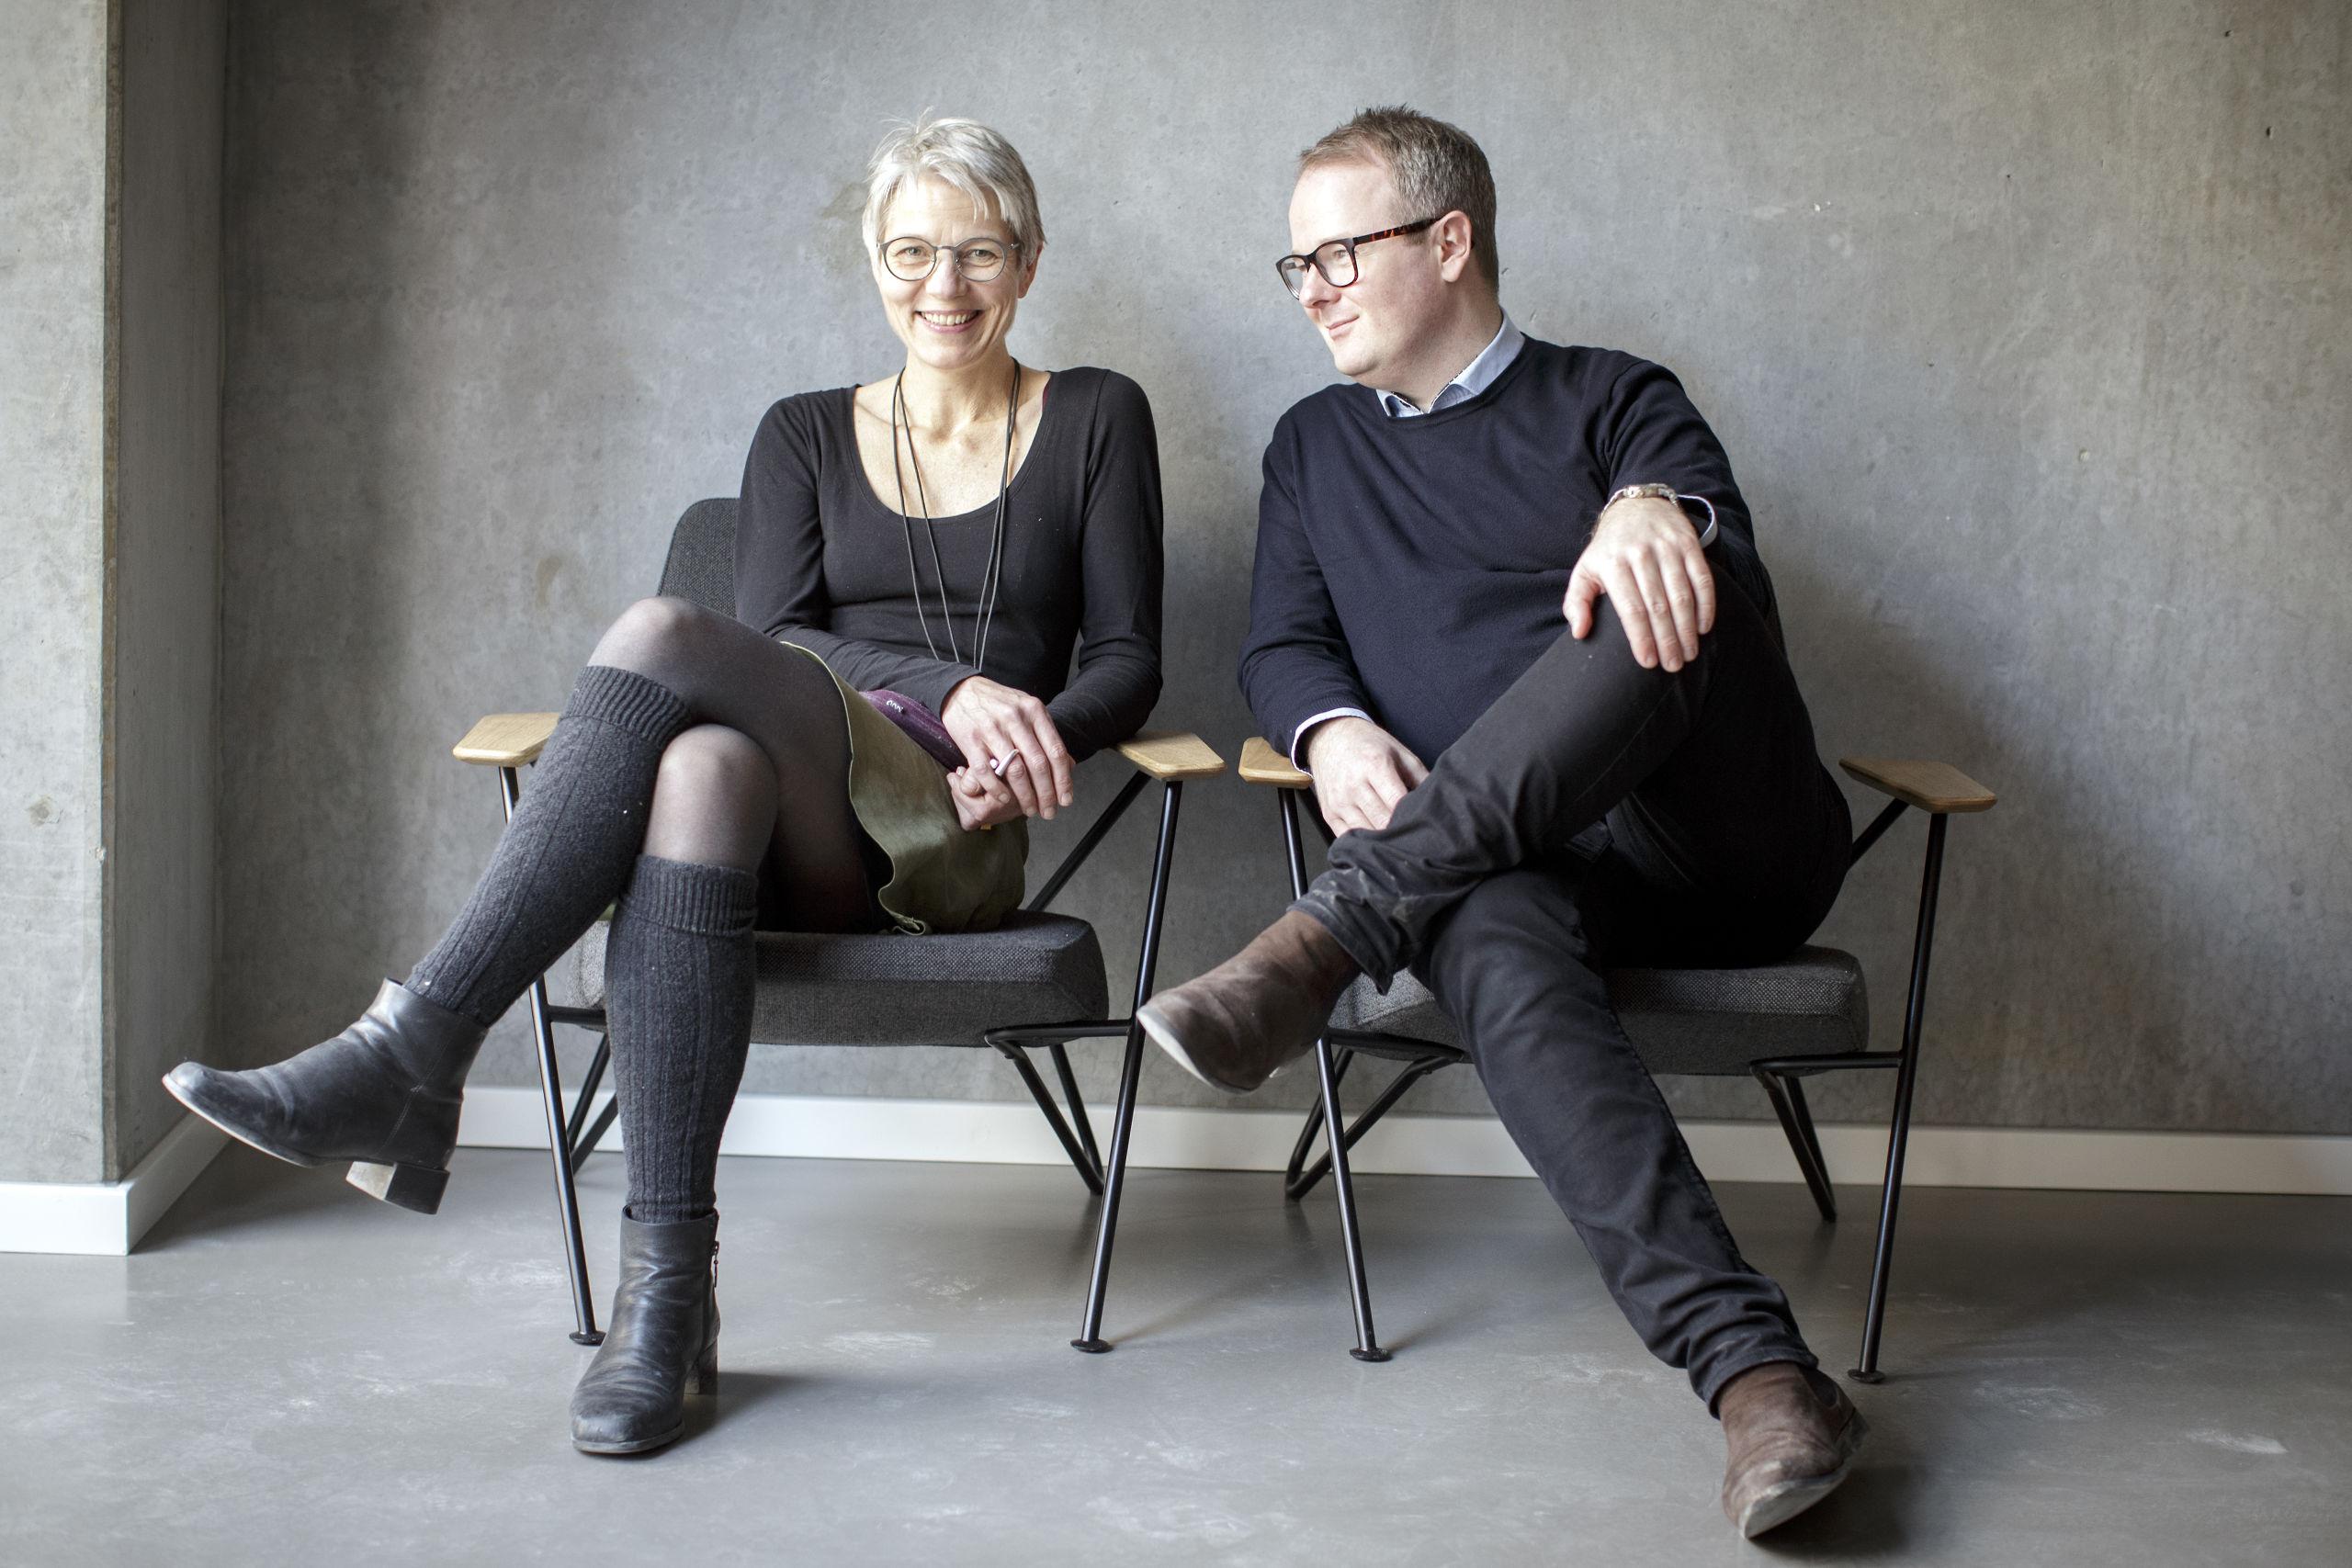 Arkitekt Mette Fredskild har været tovholder på indretningen, hvor der er lagt vægt på naturlige materialer. Foto: Martel Andersen